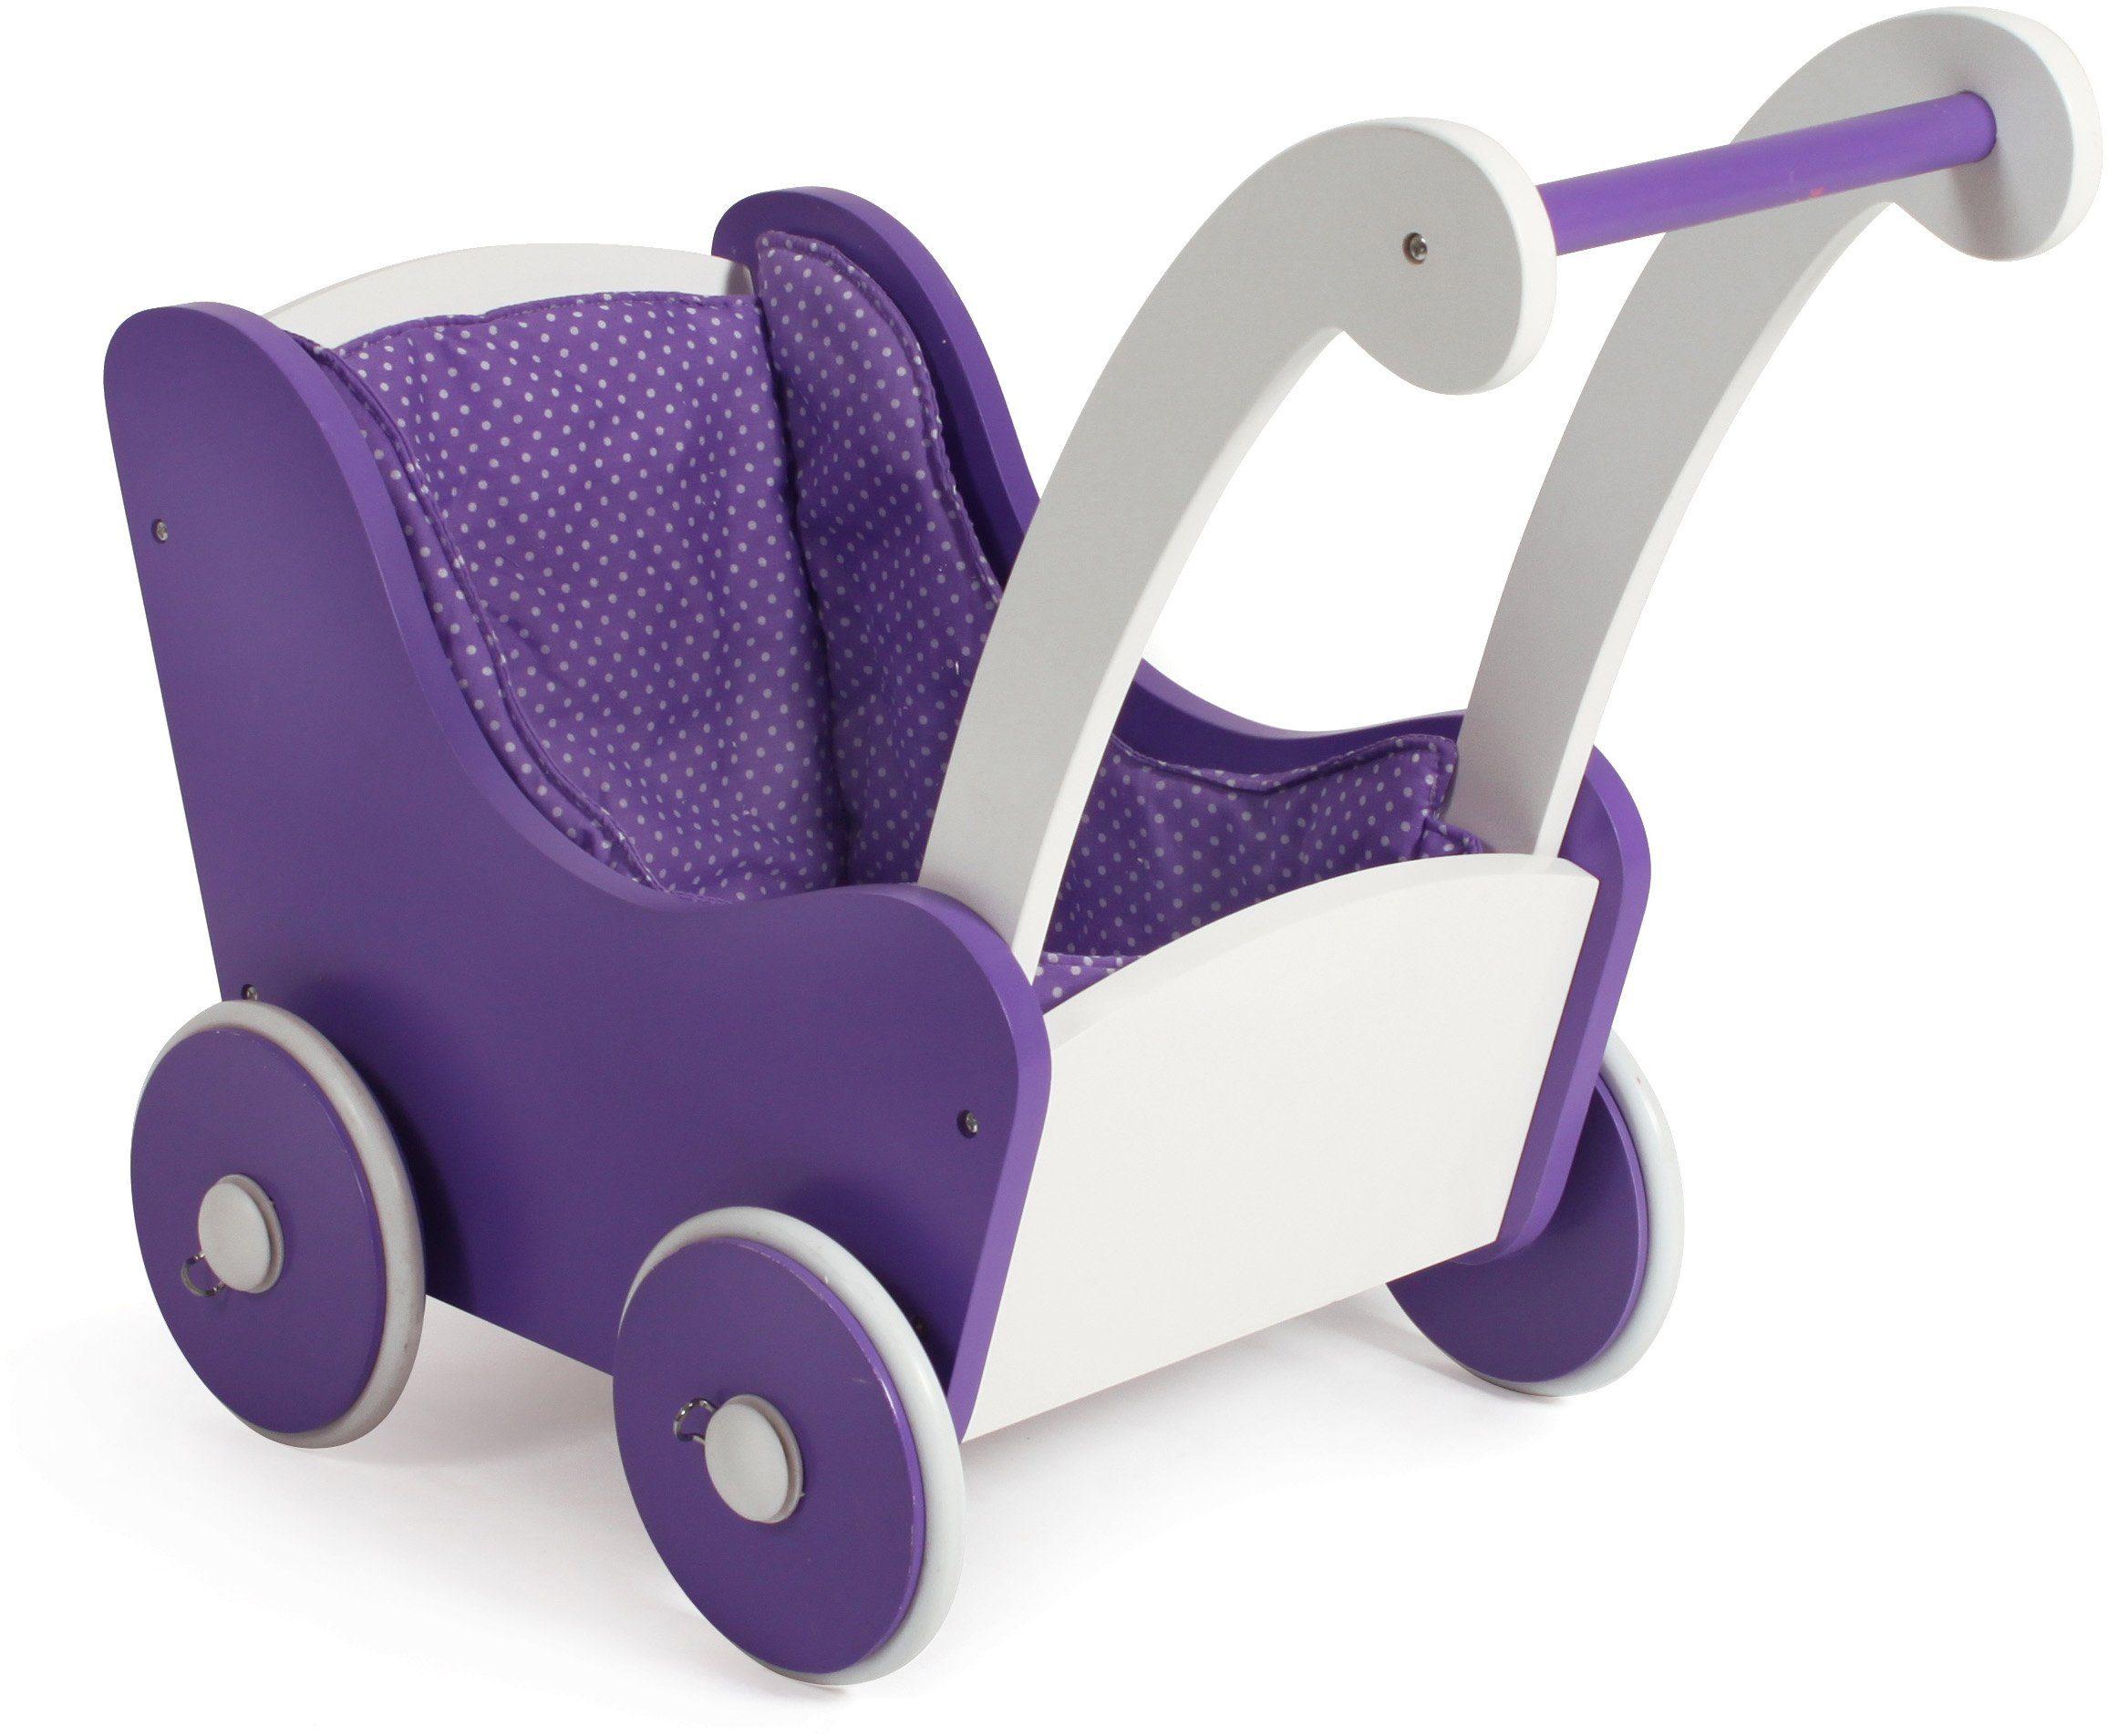 CHIC2000 Puppenwagen aus Holz, »Papilio purple«